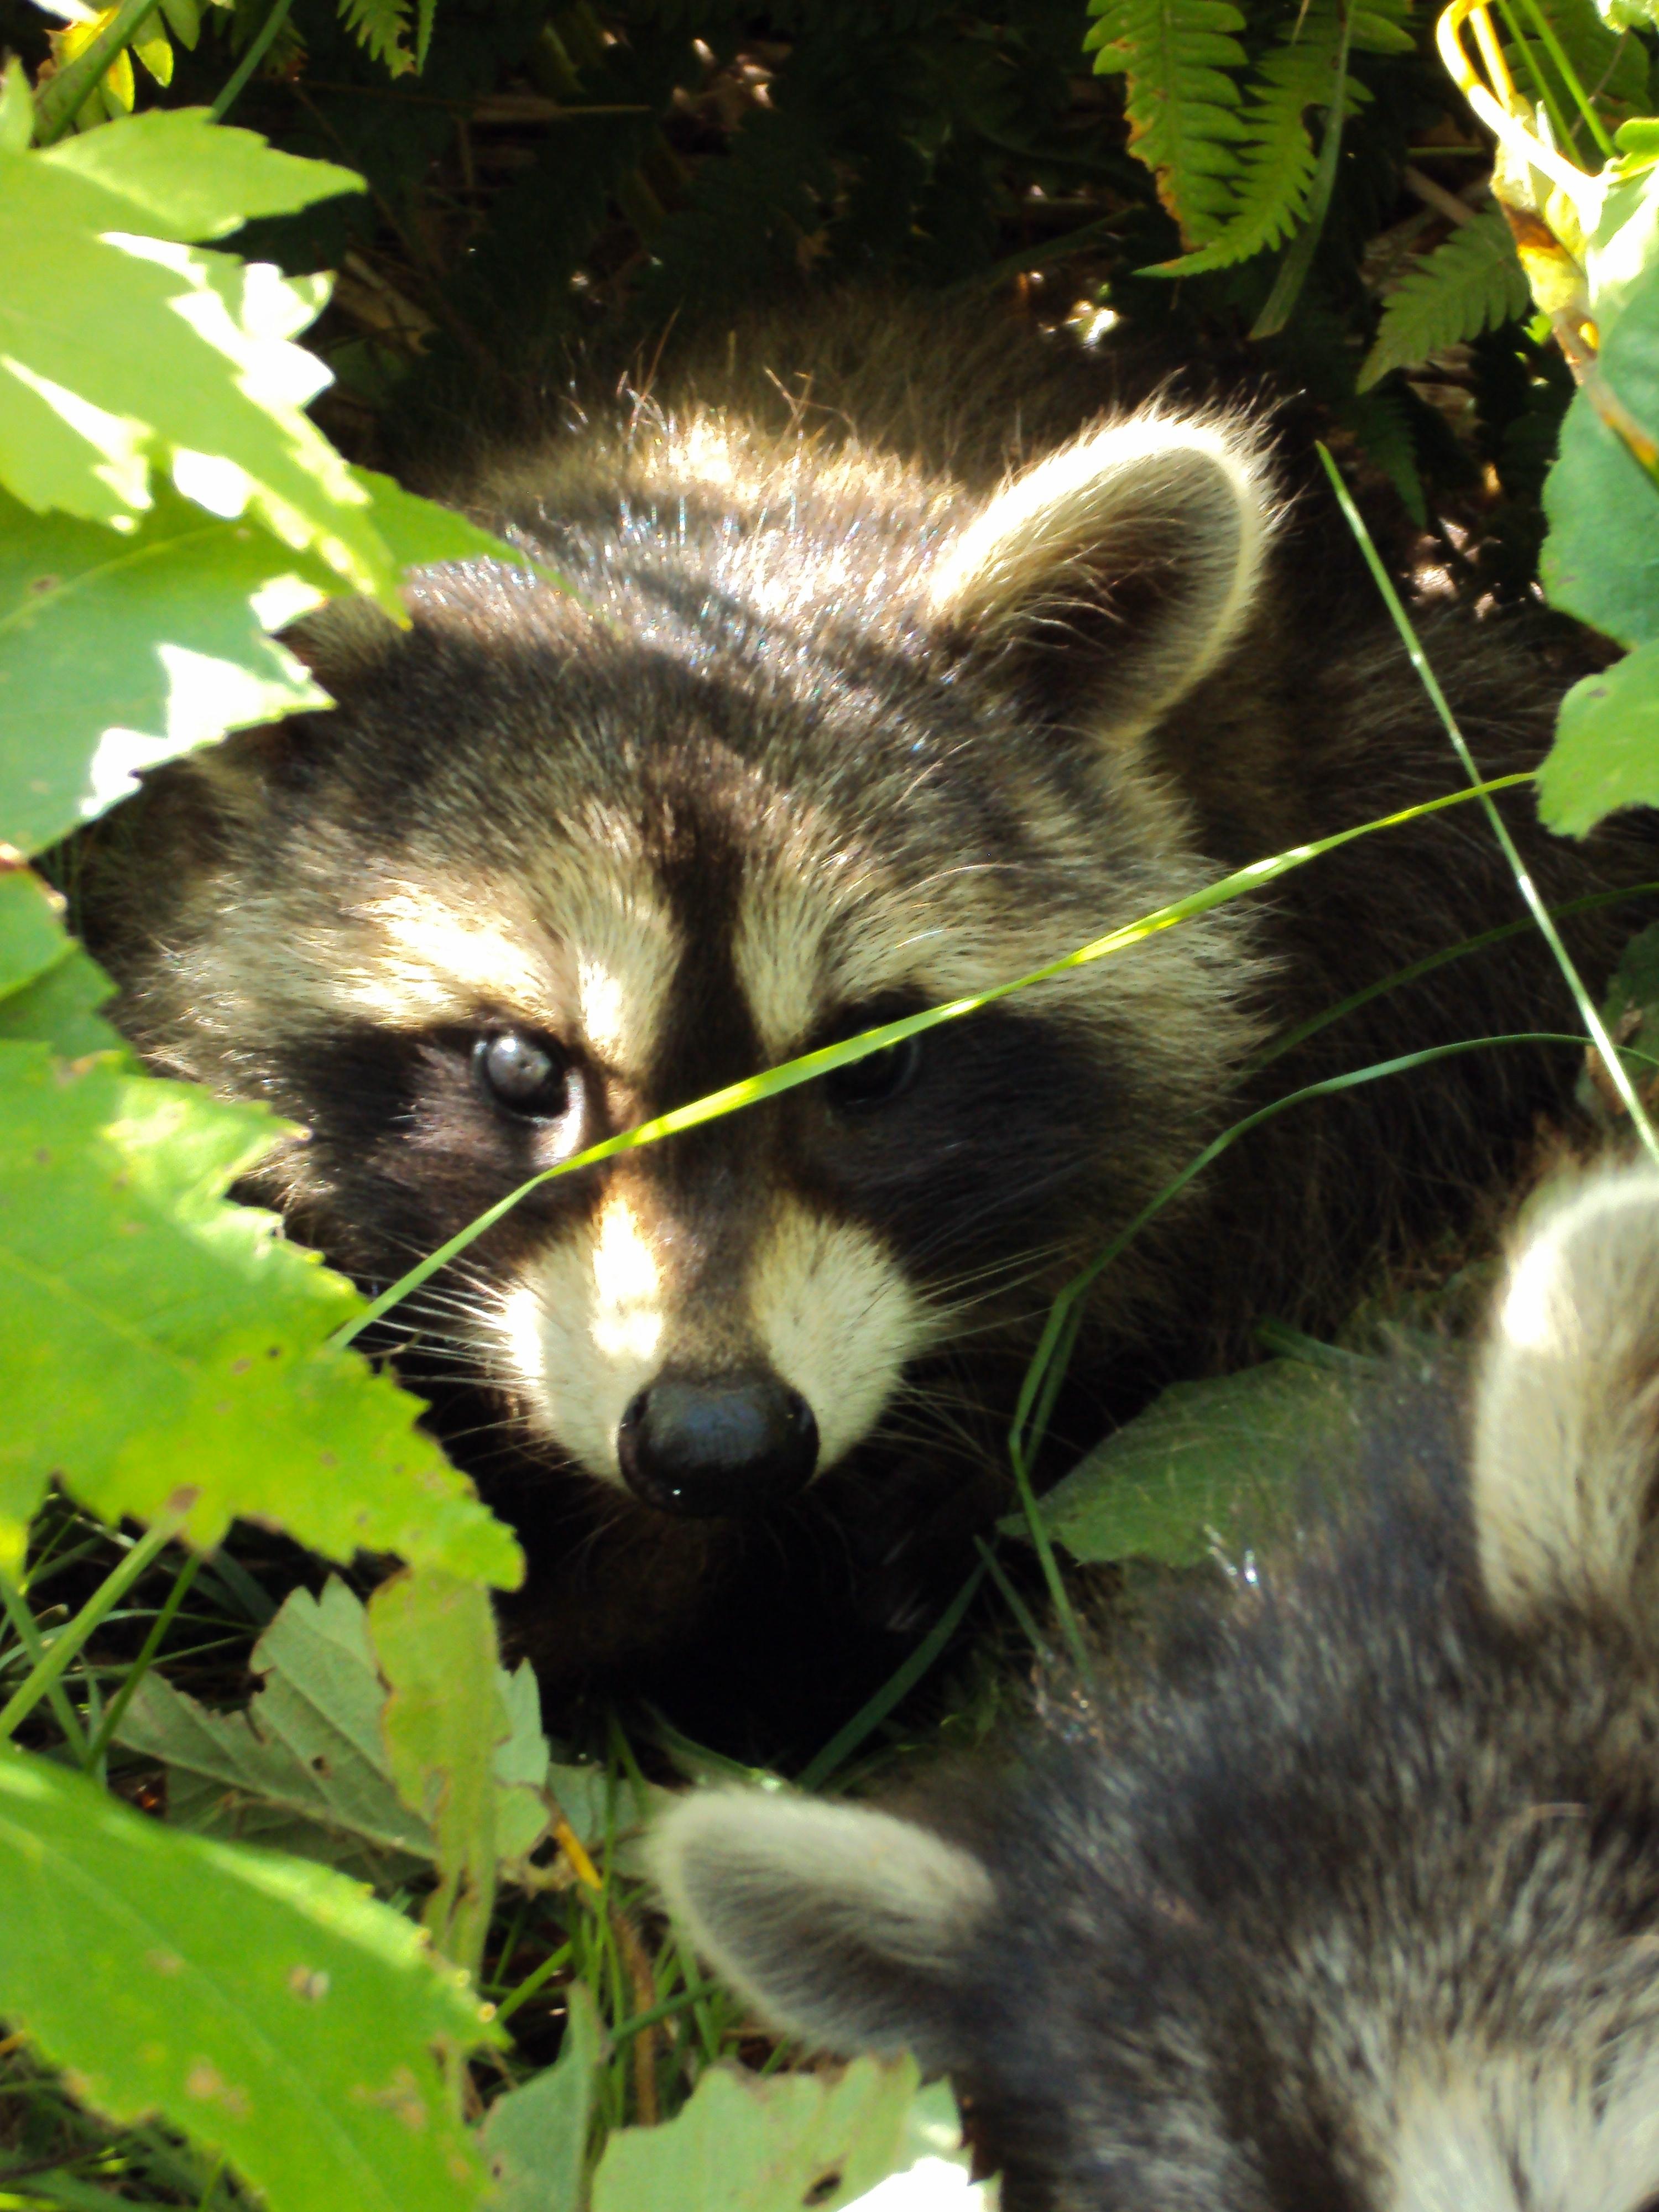 Dsc Raccoon Face Side